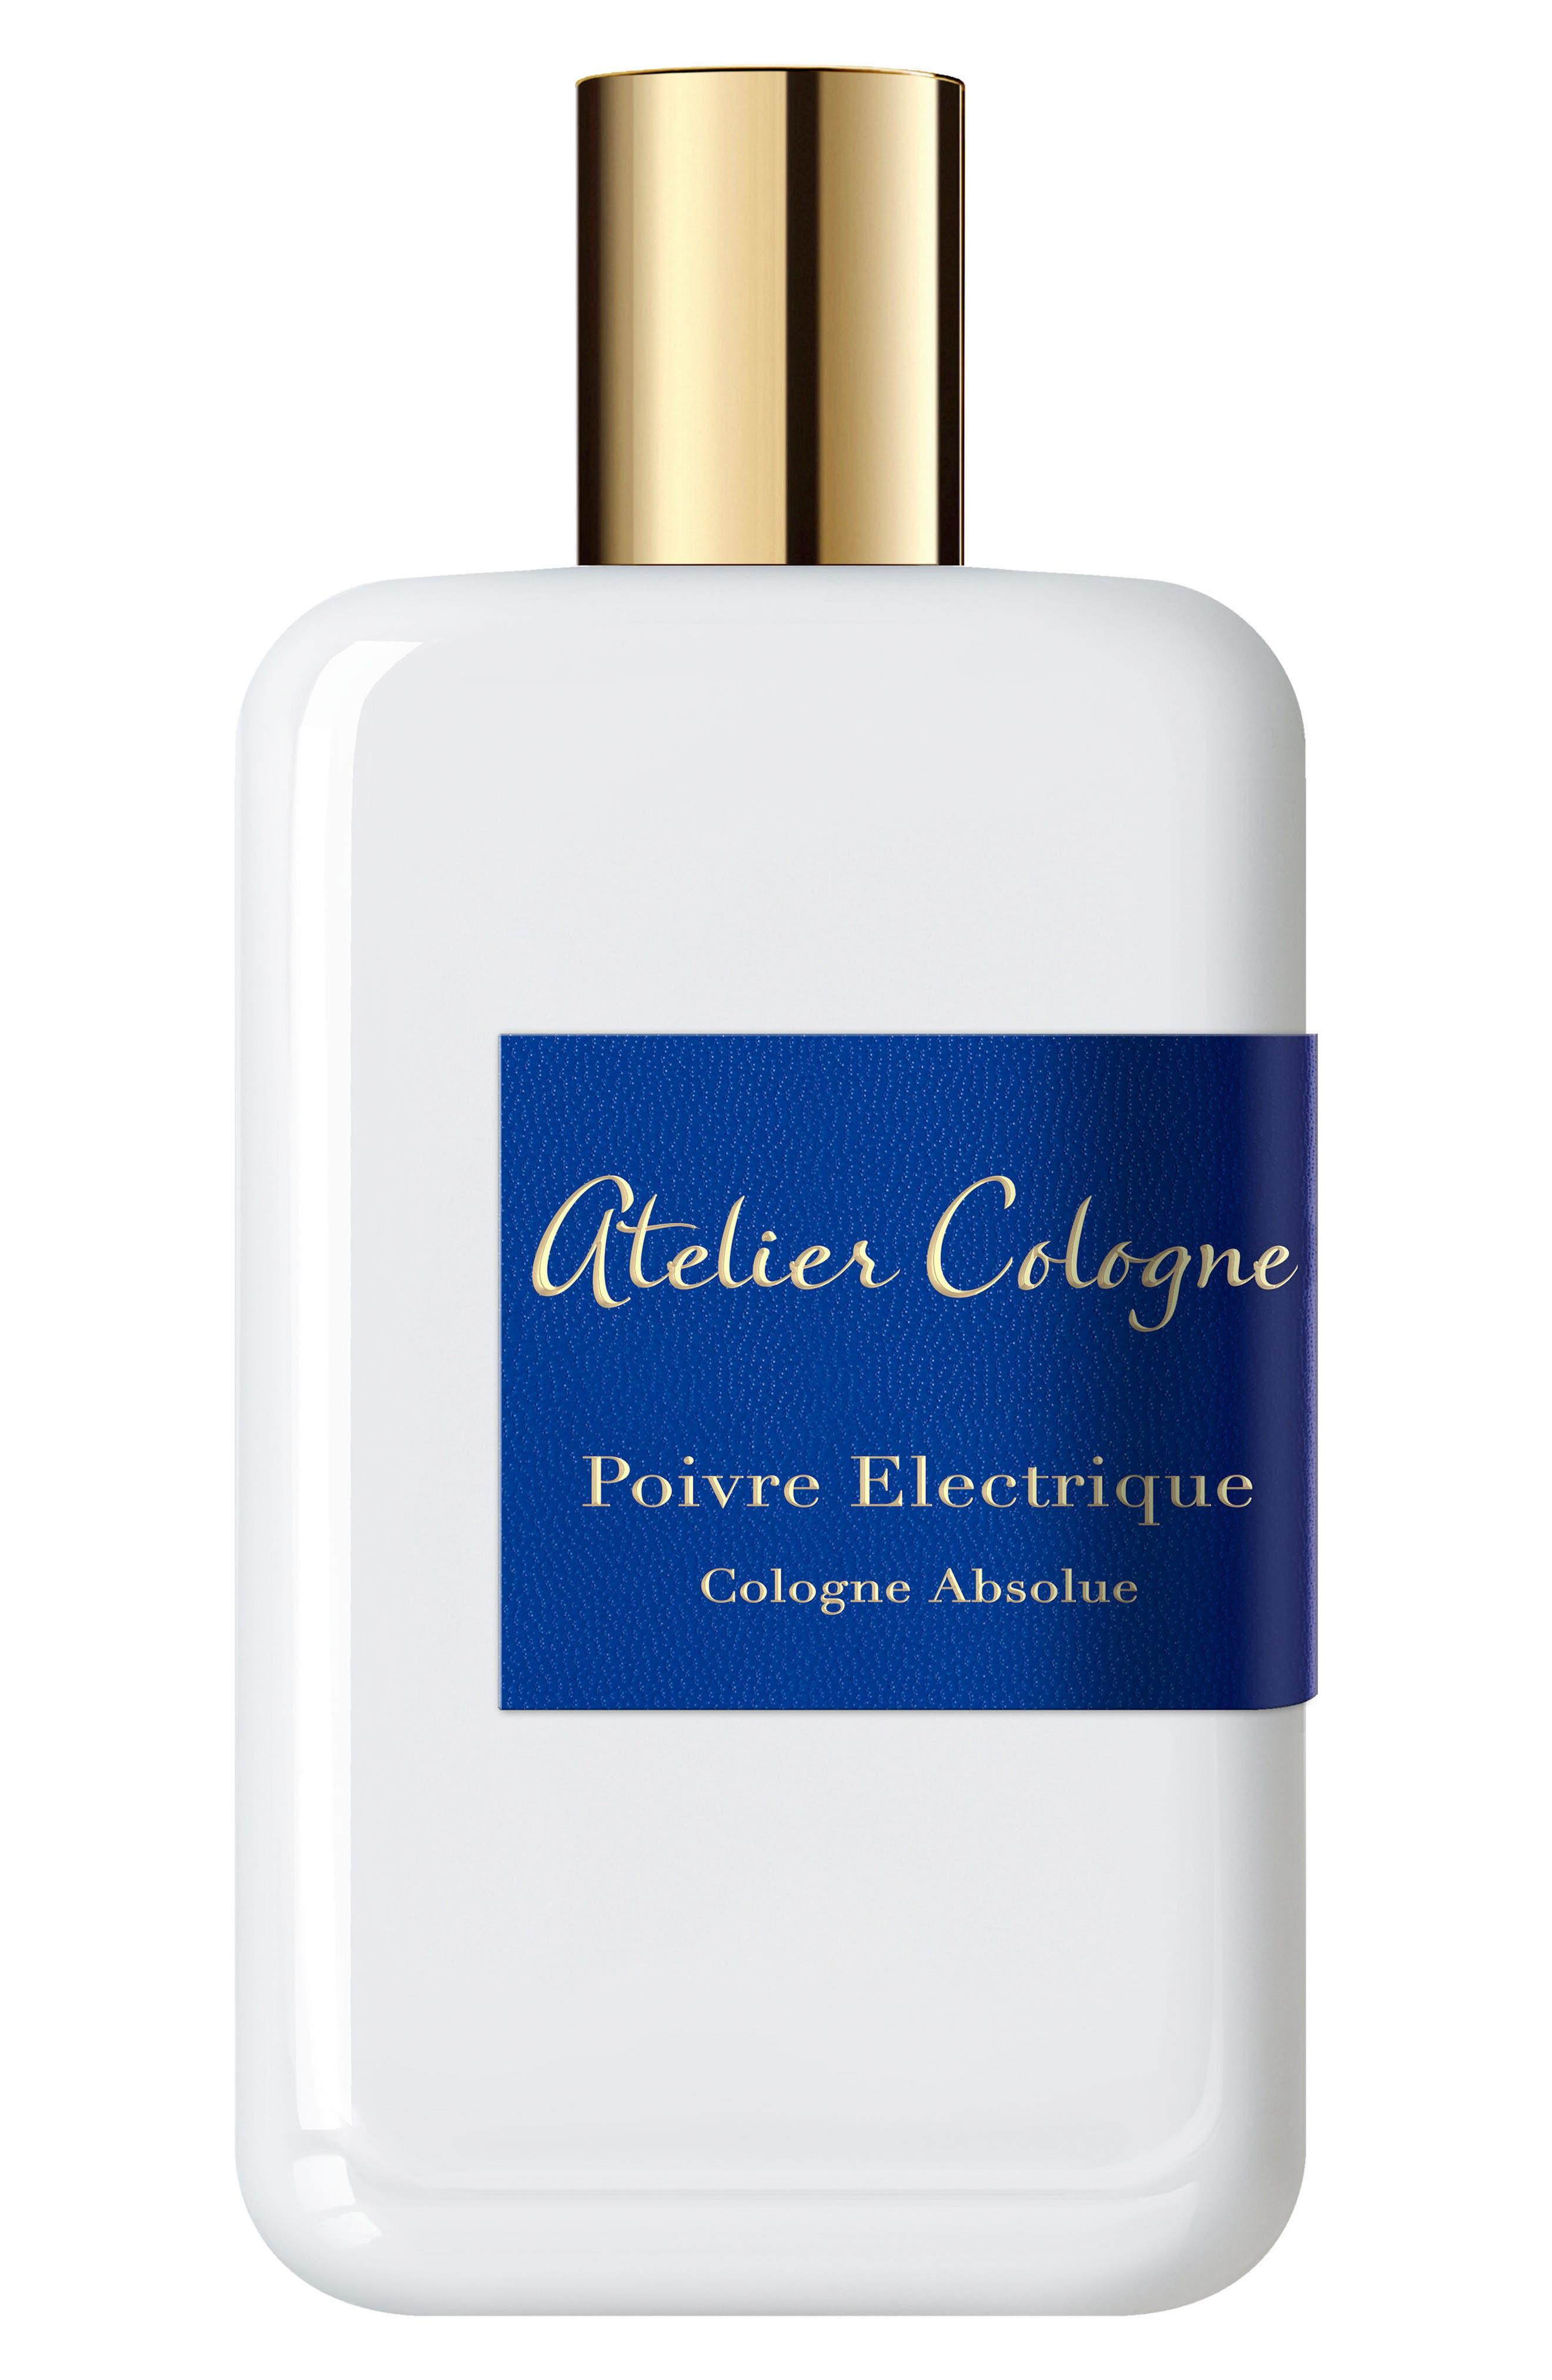 ATELIER COLOGNE Poivre Electrique Cologne Absolue, Main, color, NO COLOR